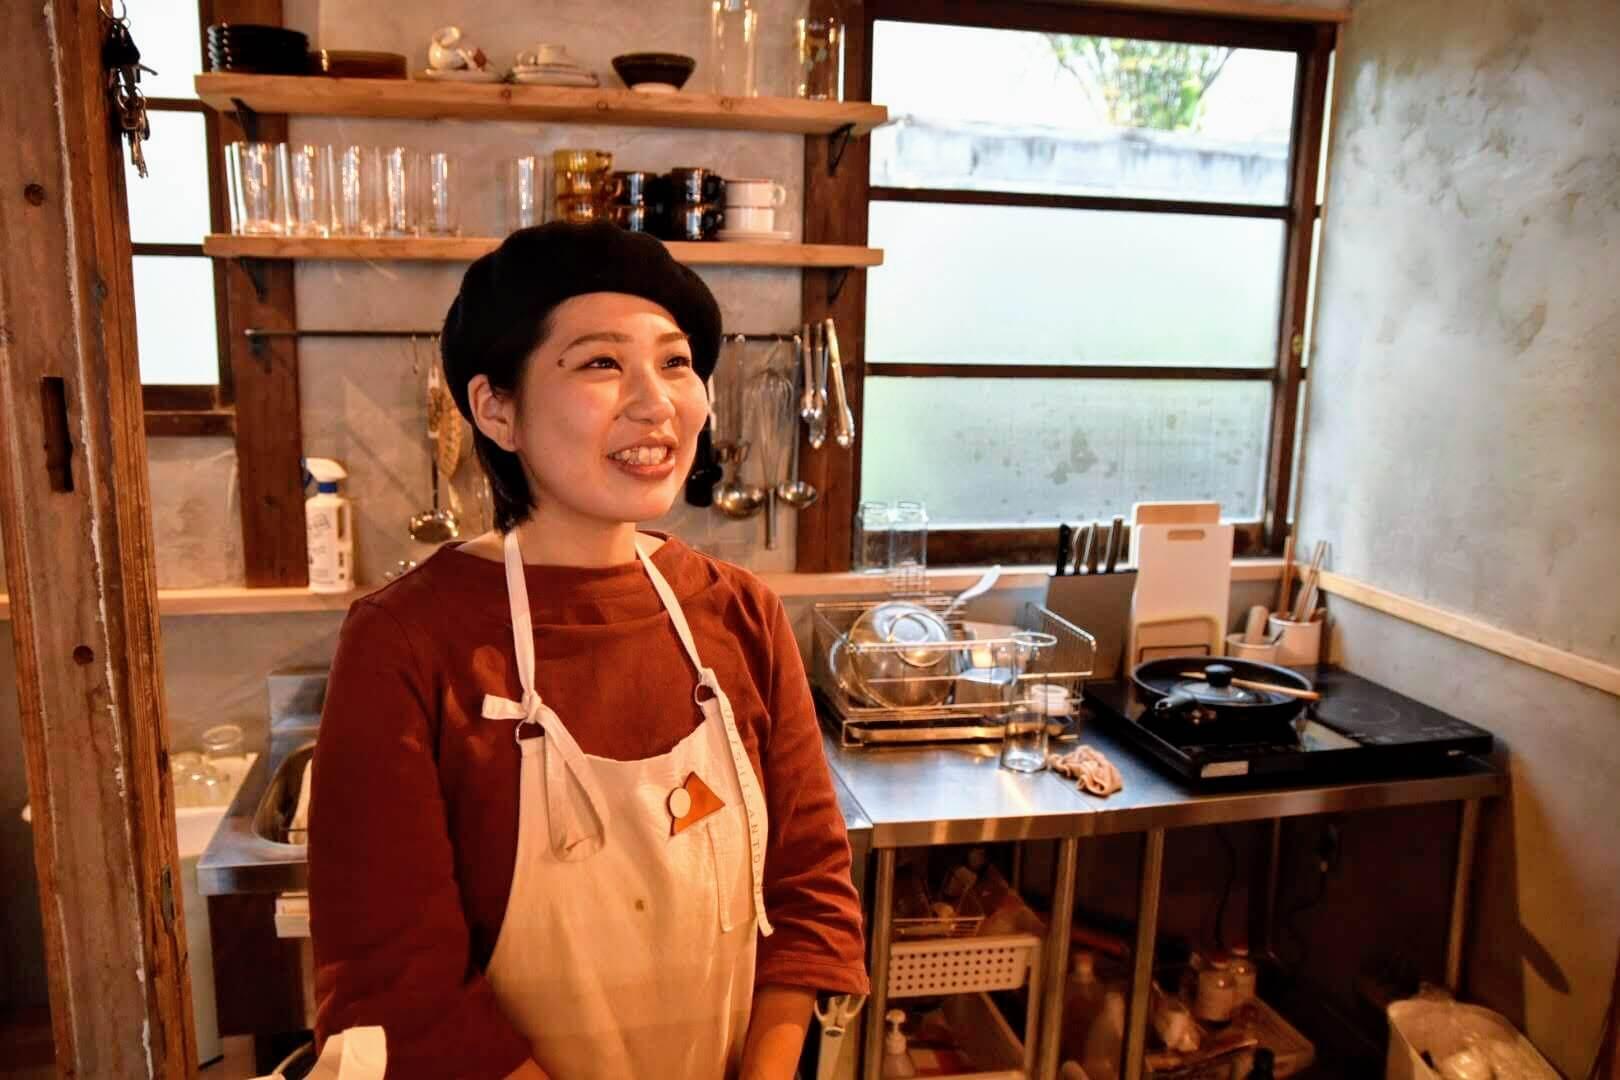 Onishisantokoの大西さんにインタビュー